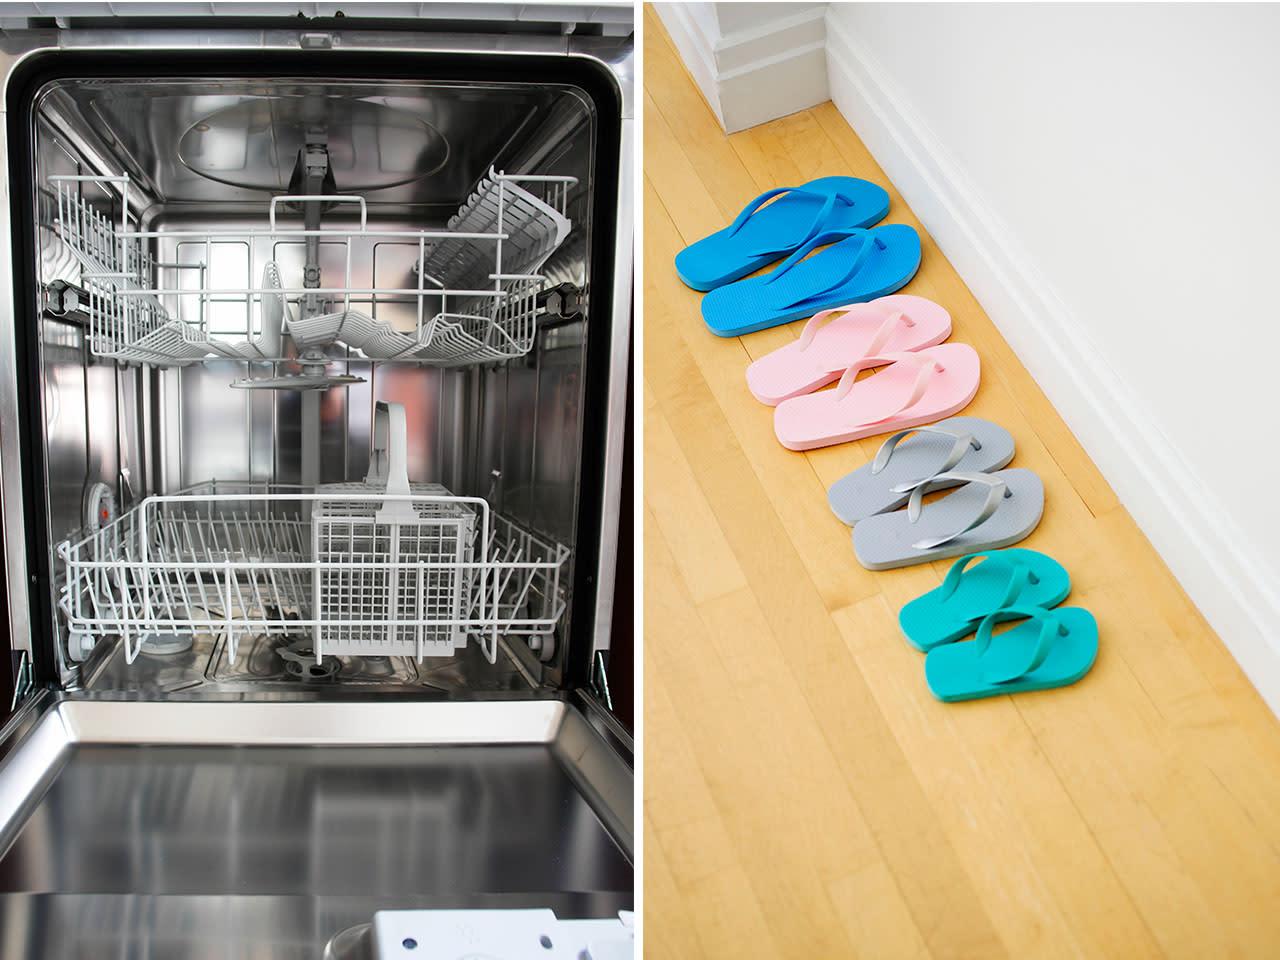 10 Alltags-Dinge, die in der Spülmaschine sauber werden